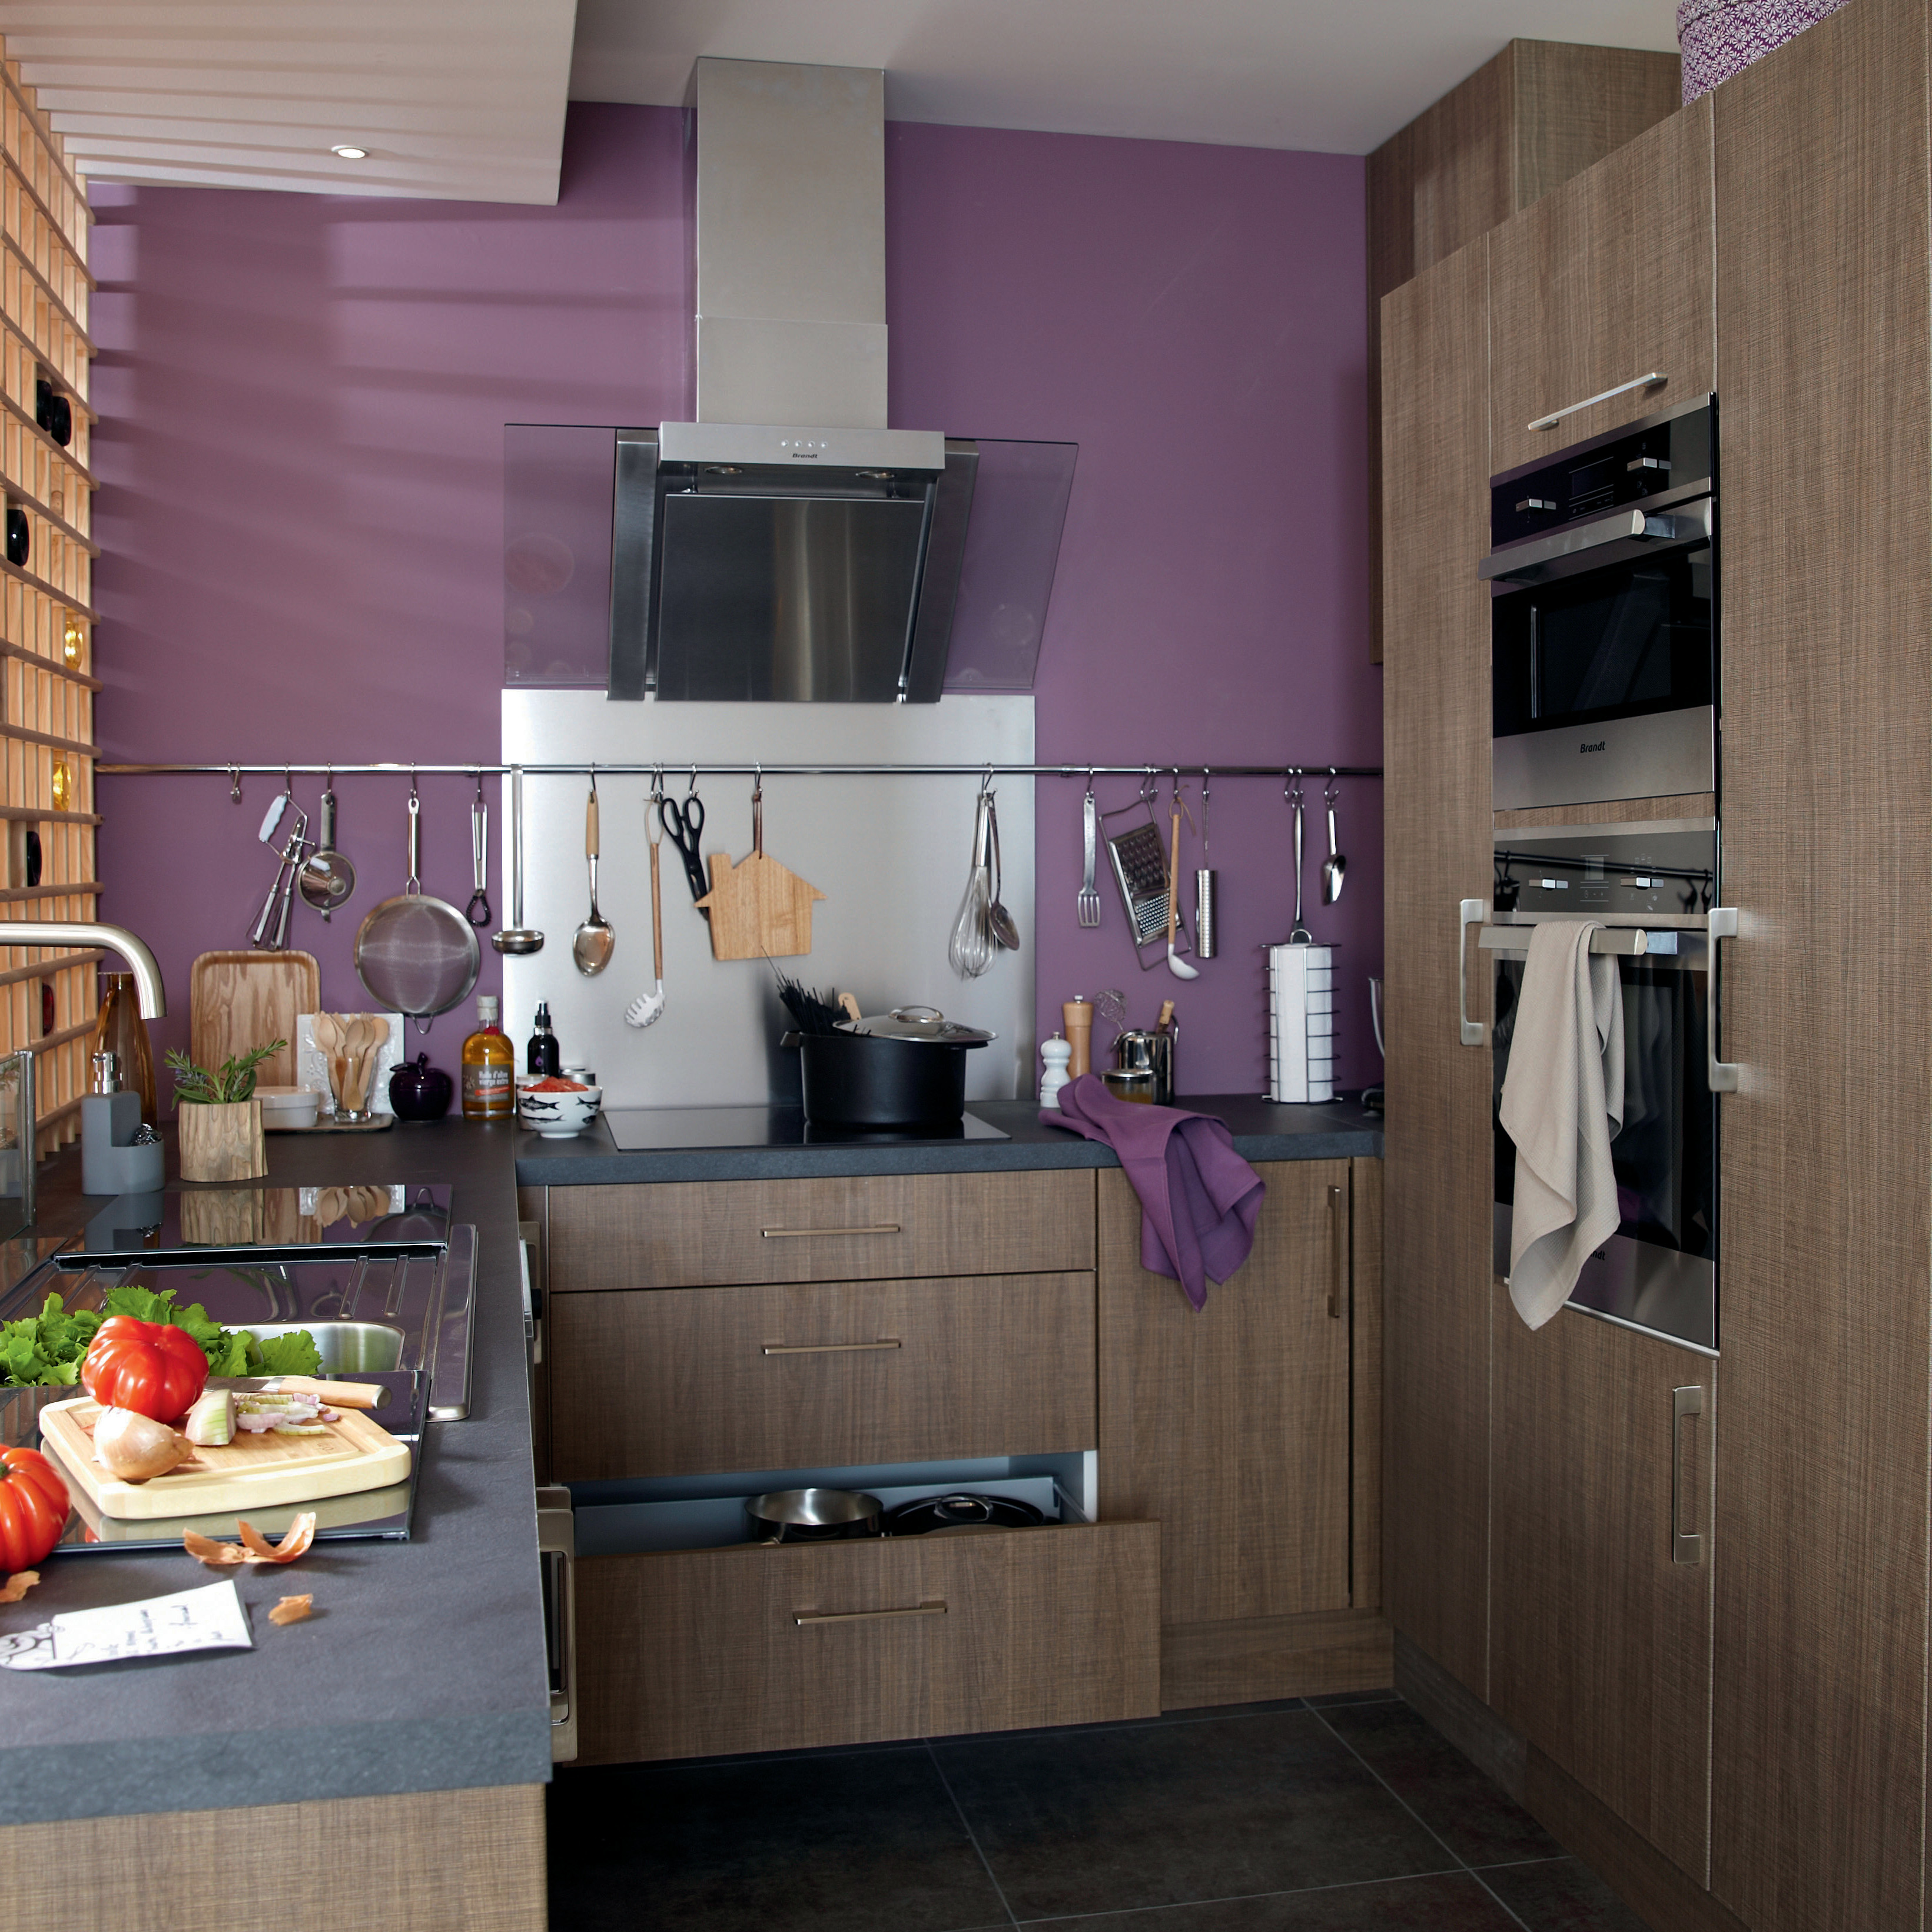 Piccole Cucine In Muratura. Awesome Piccole Cucine Moderne ...